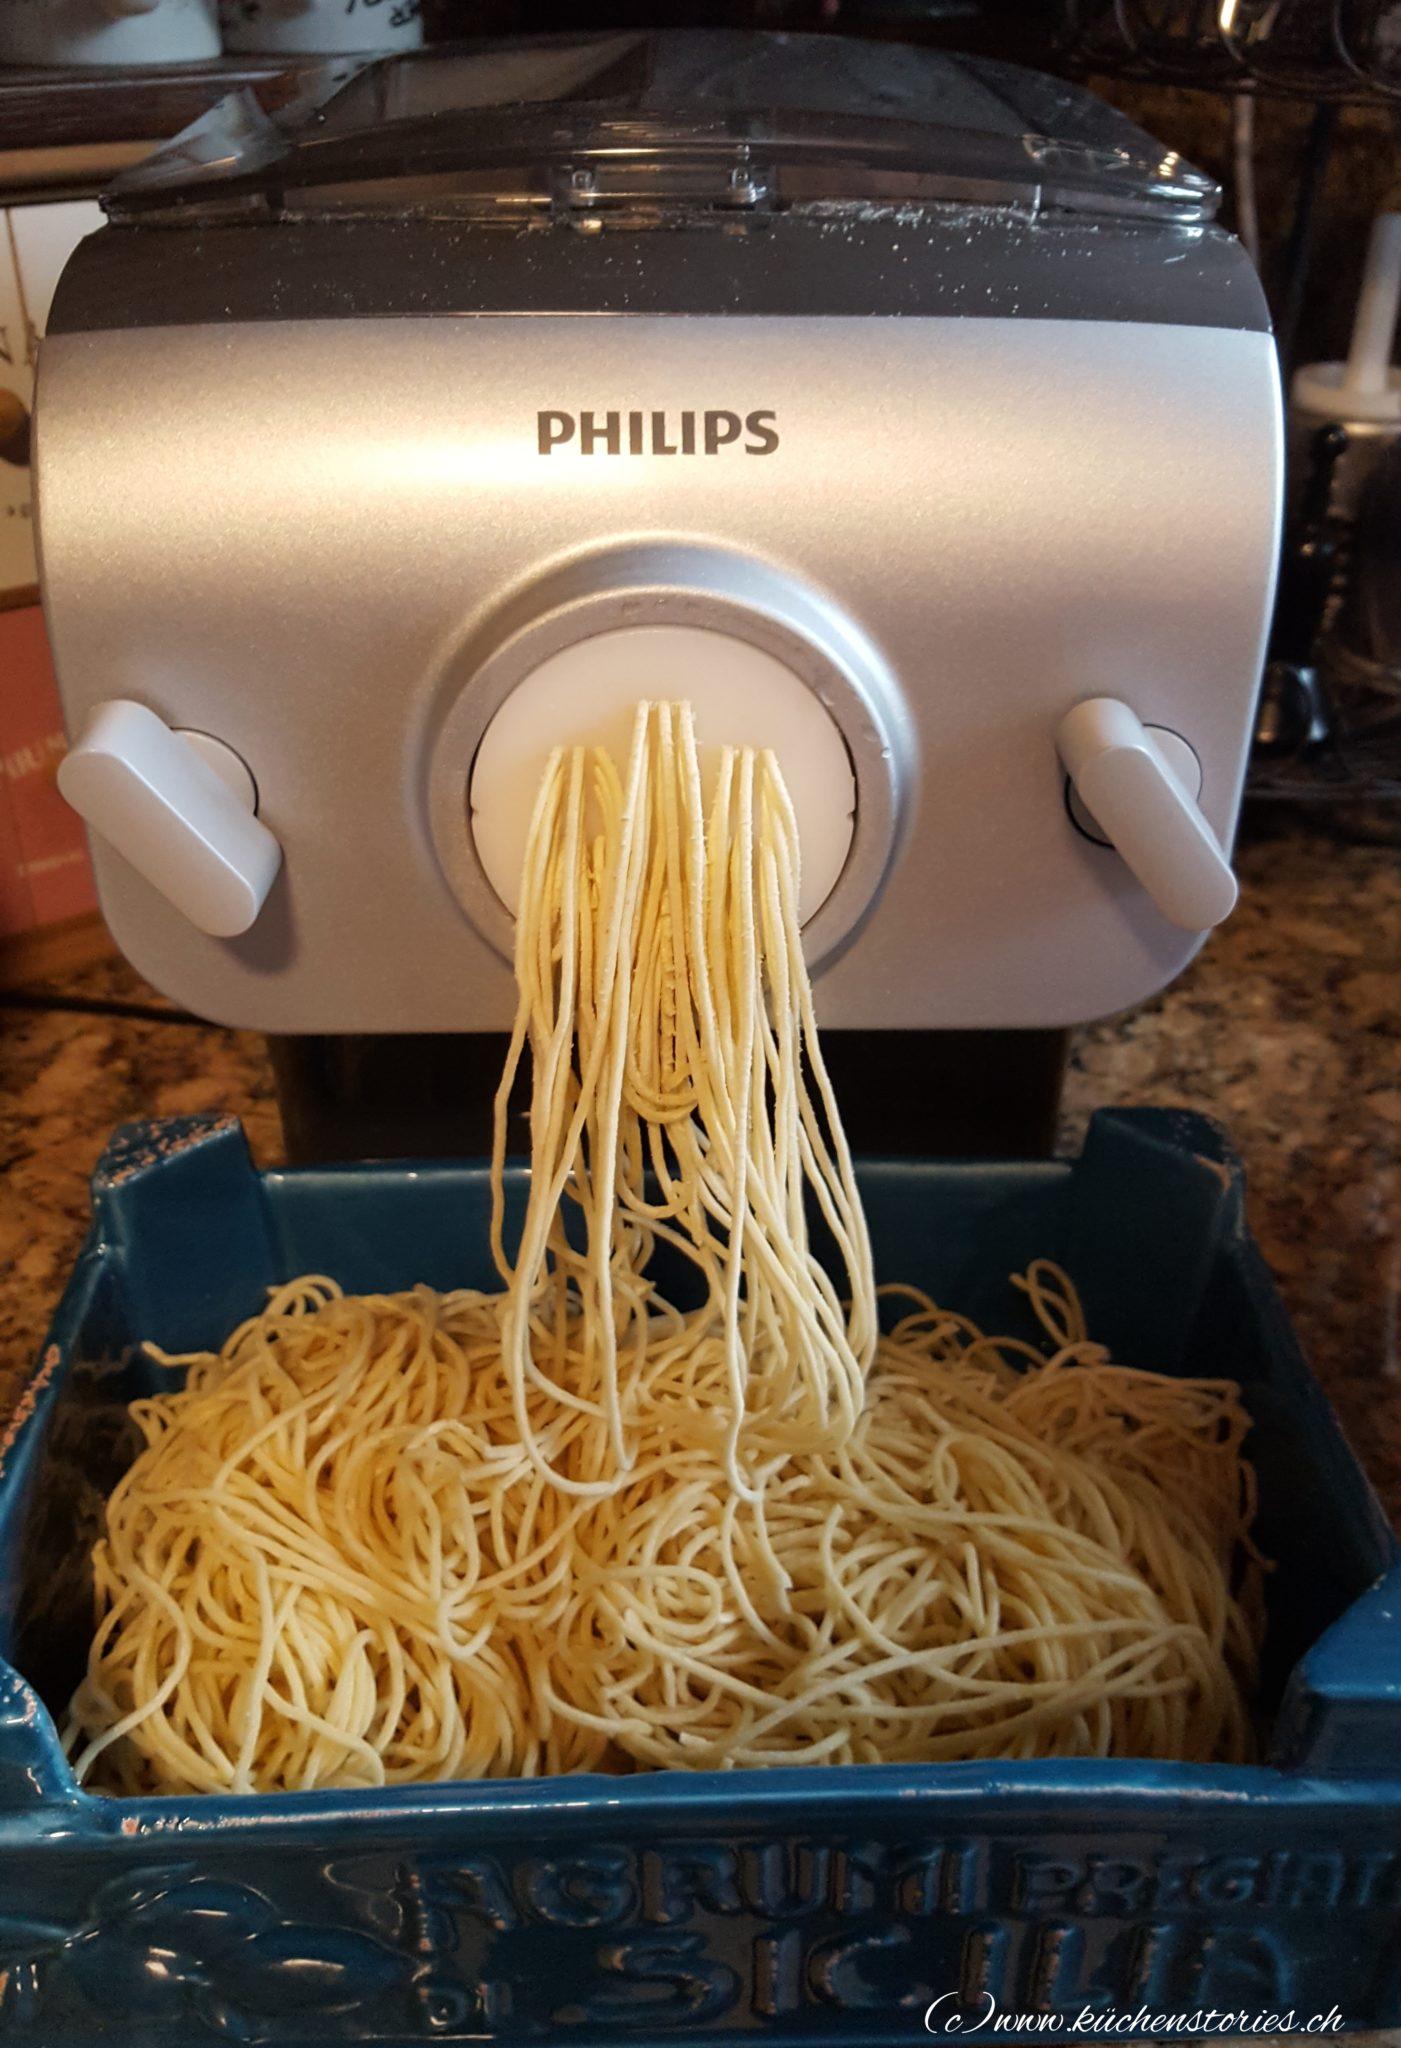 Neuer Küchenhelfer - der Pasta Maker von Philips